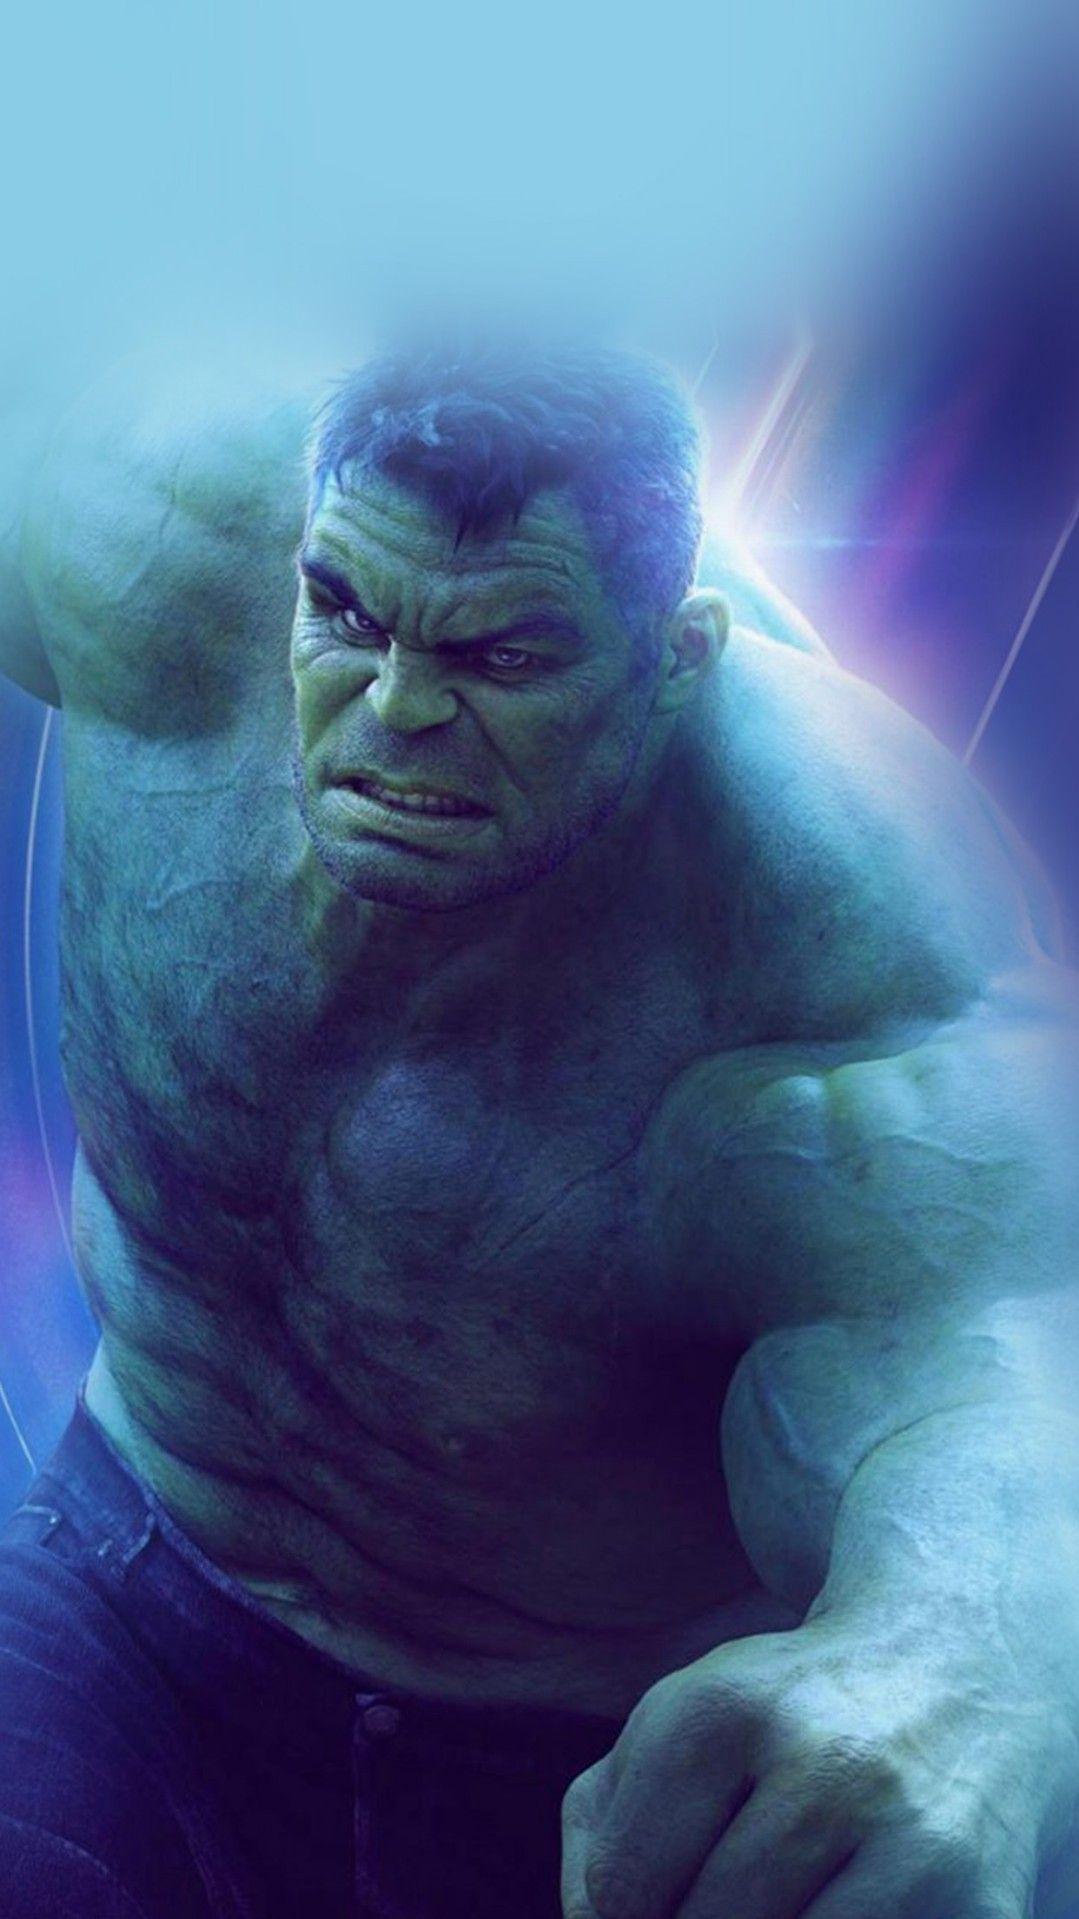 Hulk Wallpaper 17 Hulk avengers, Avengers poster, Avengers